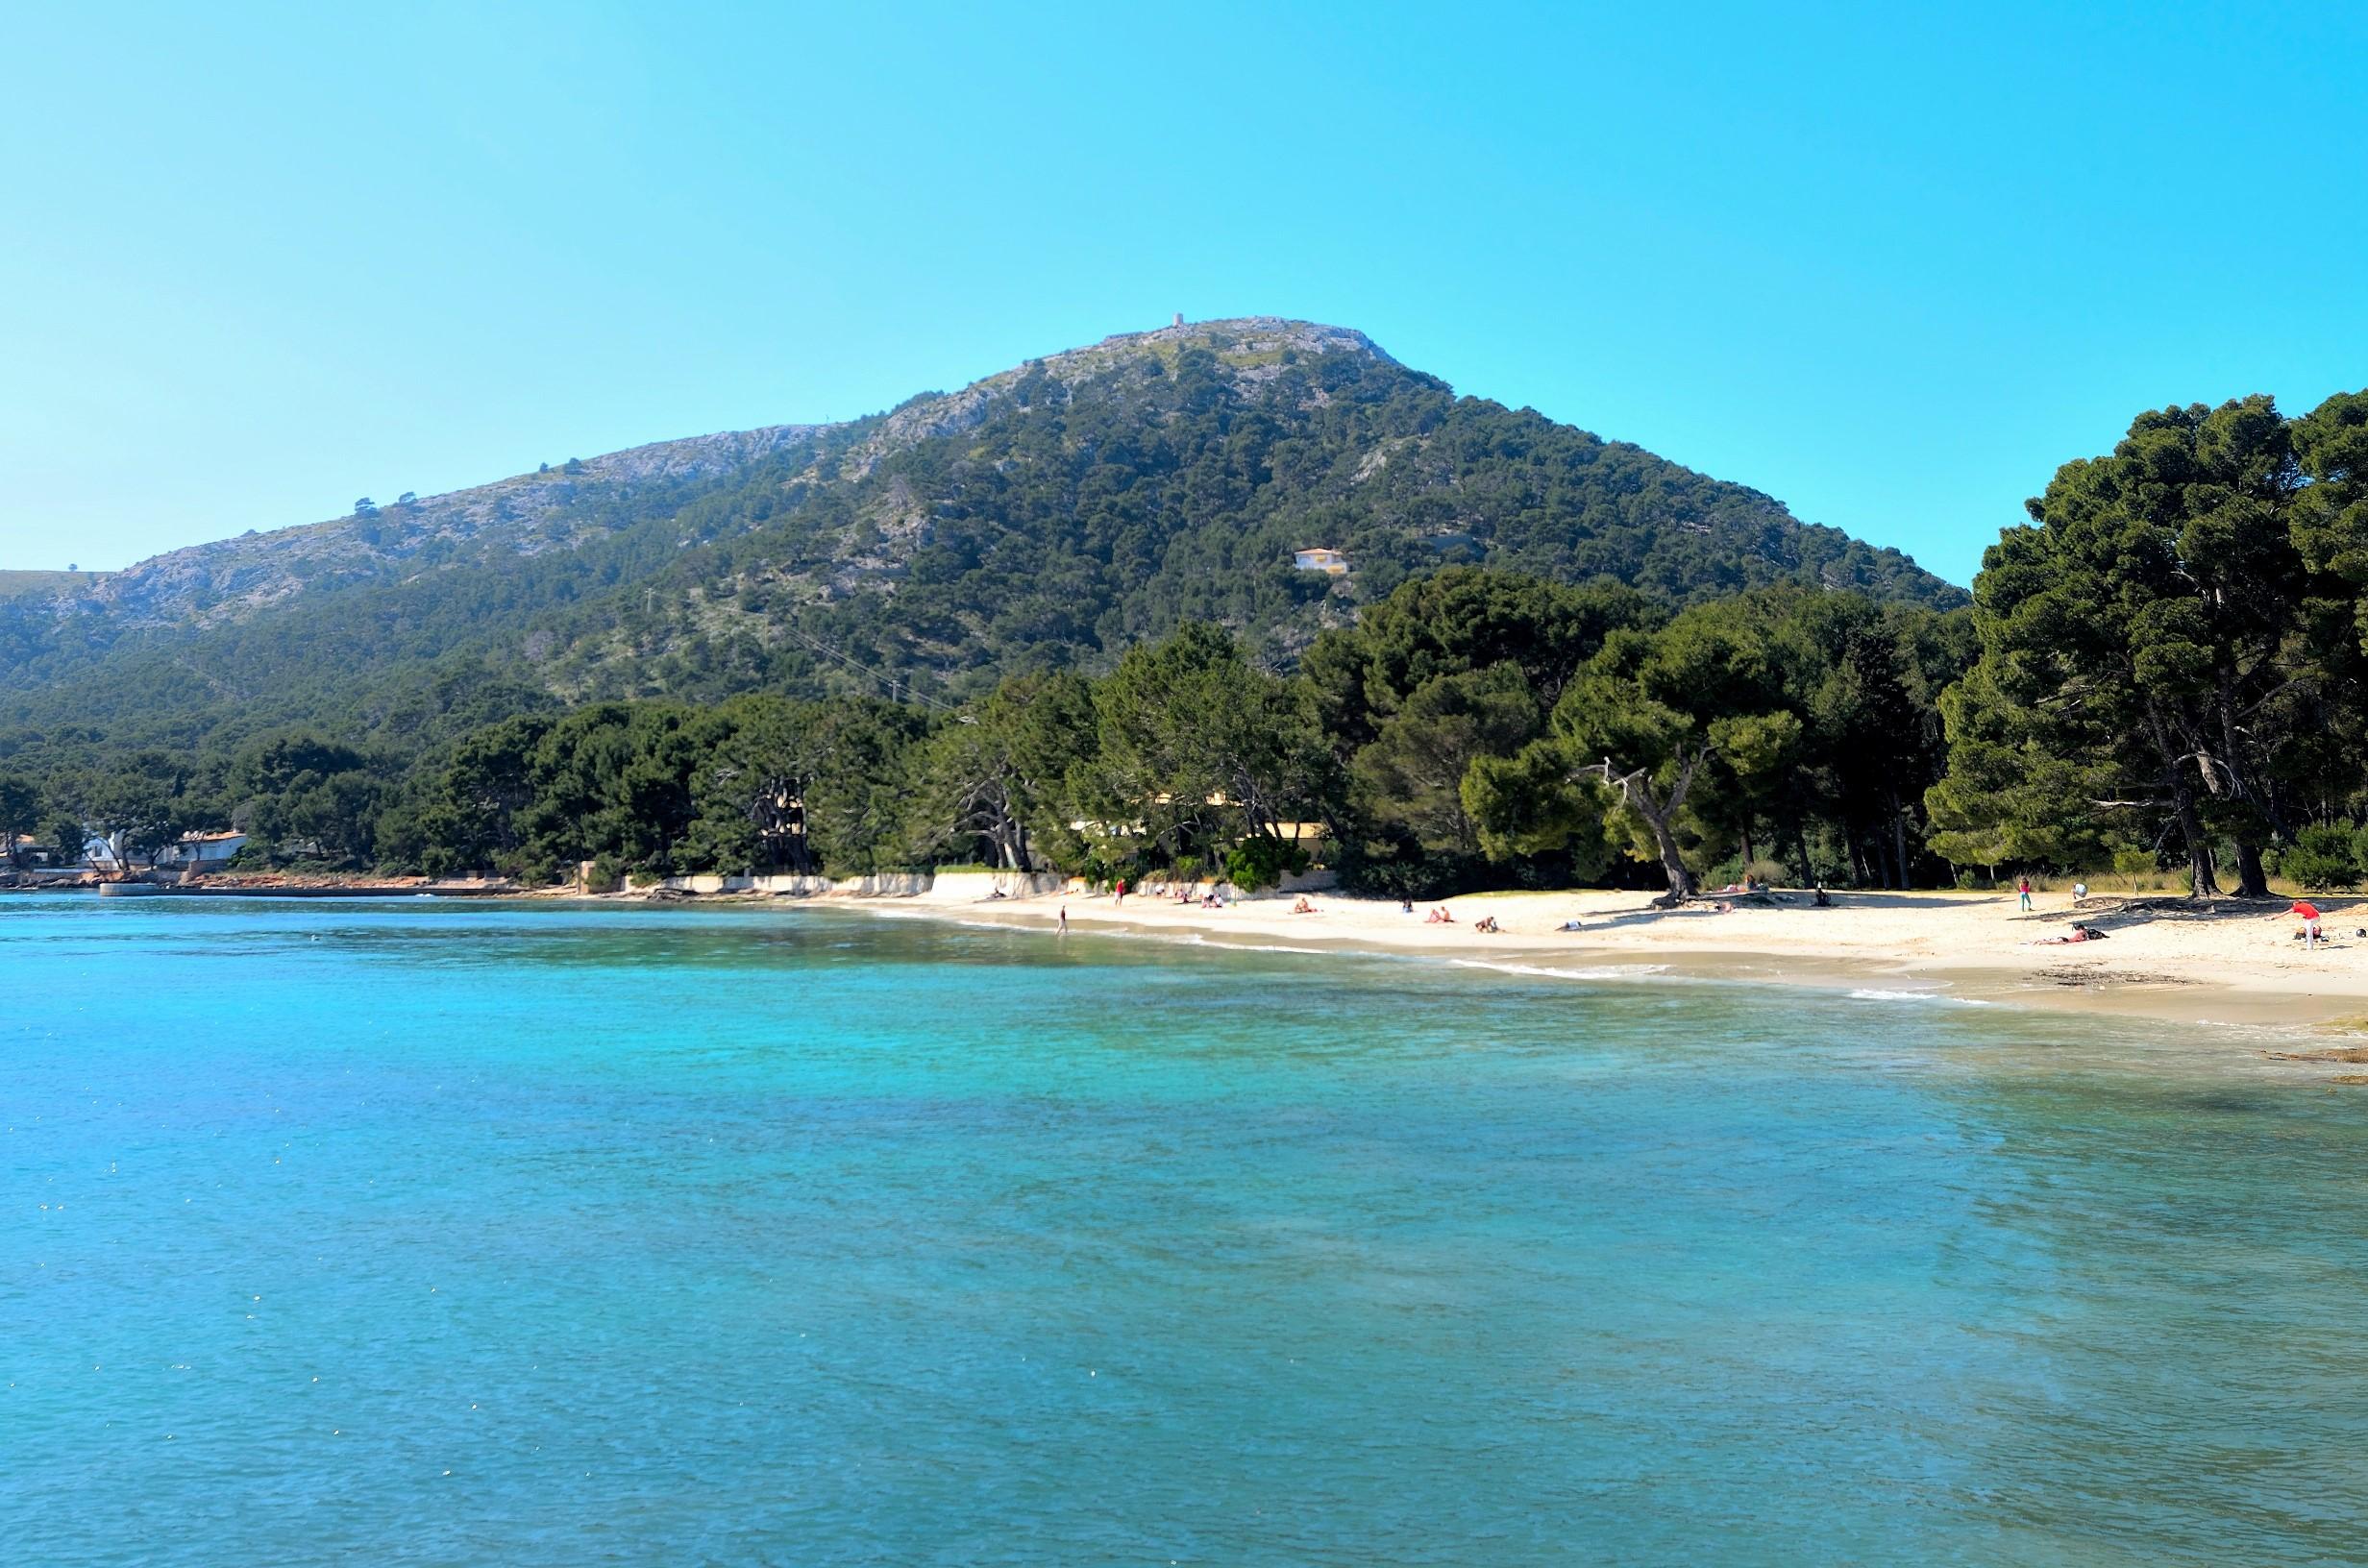 Mallorca'nın en uç noktasındaki plaj: Formentor